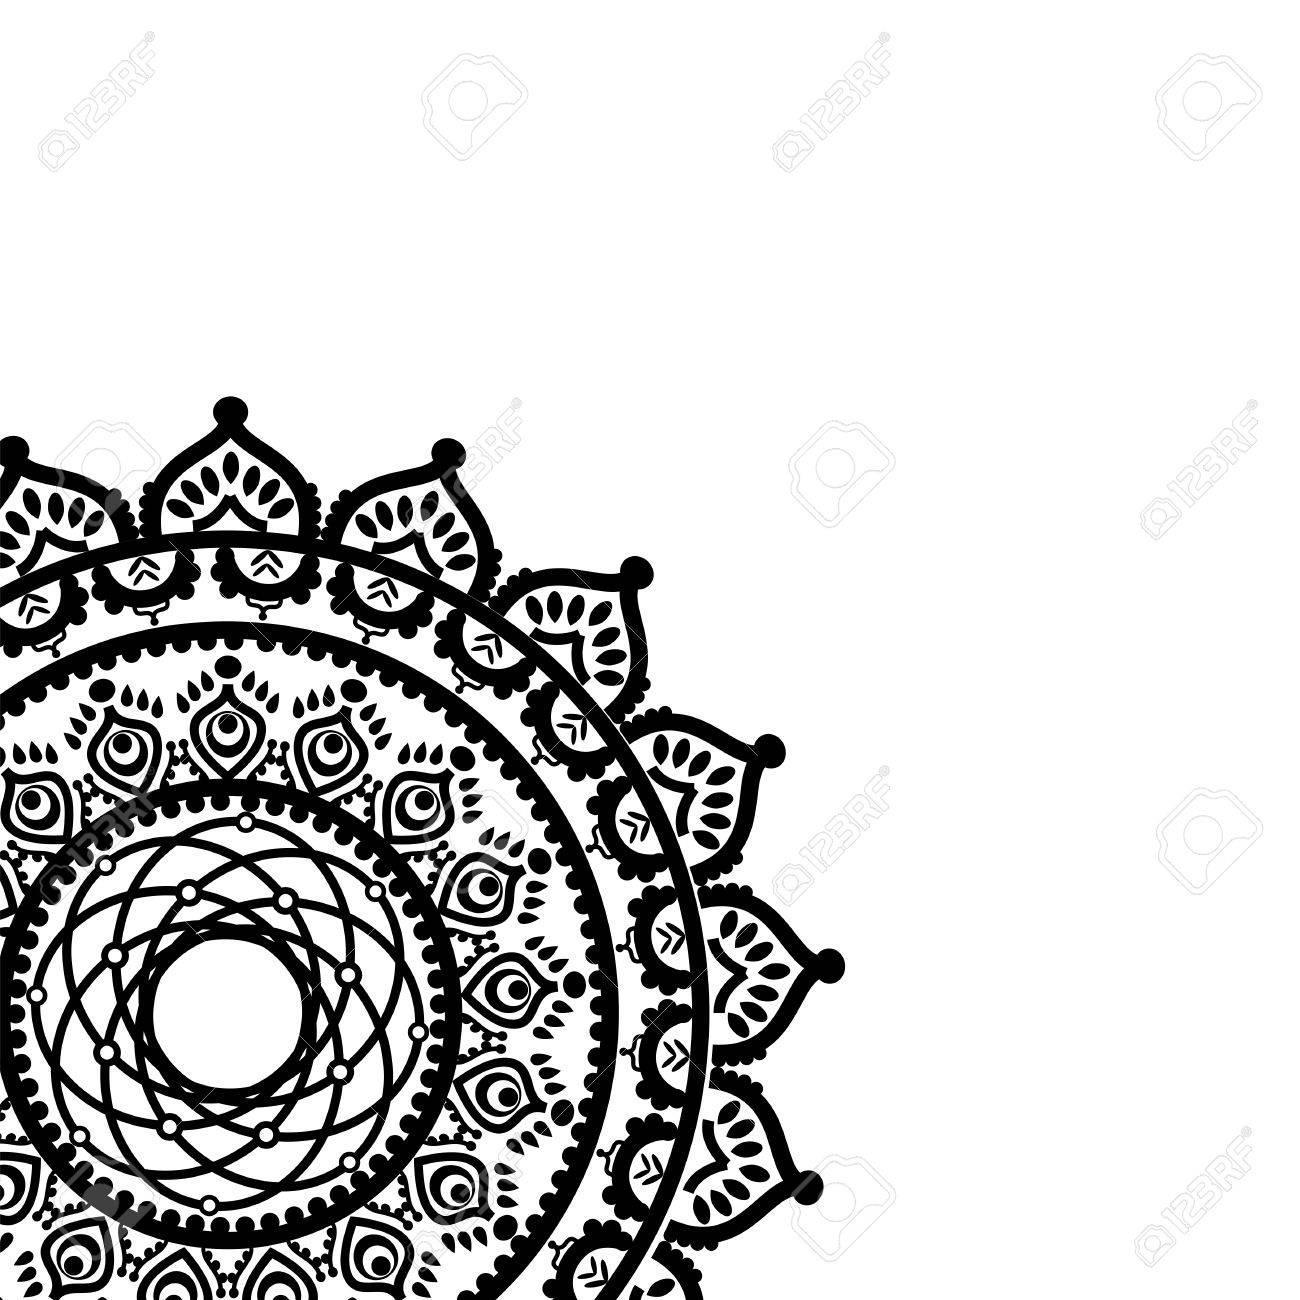 La Cultura Asiática Inspiró El Mandala Parcial En Forma De